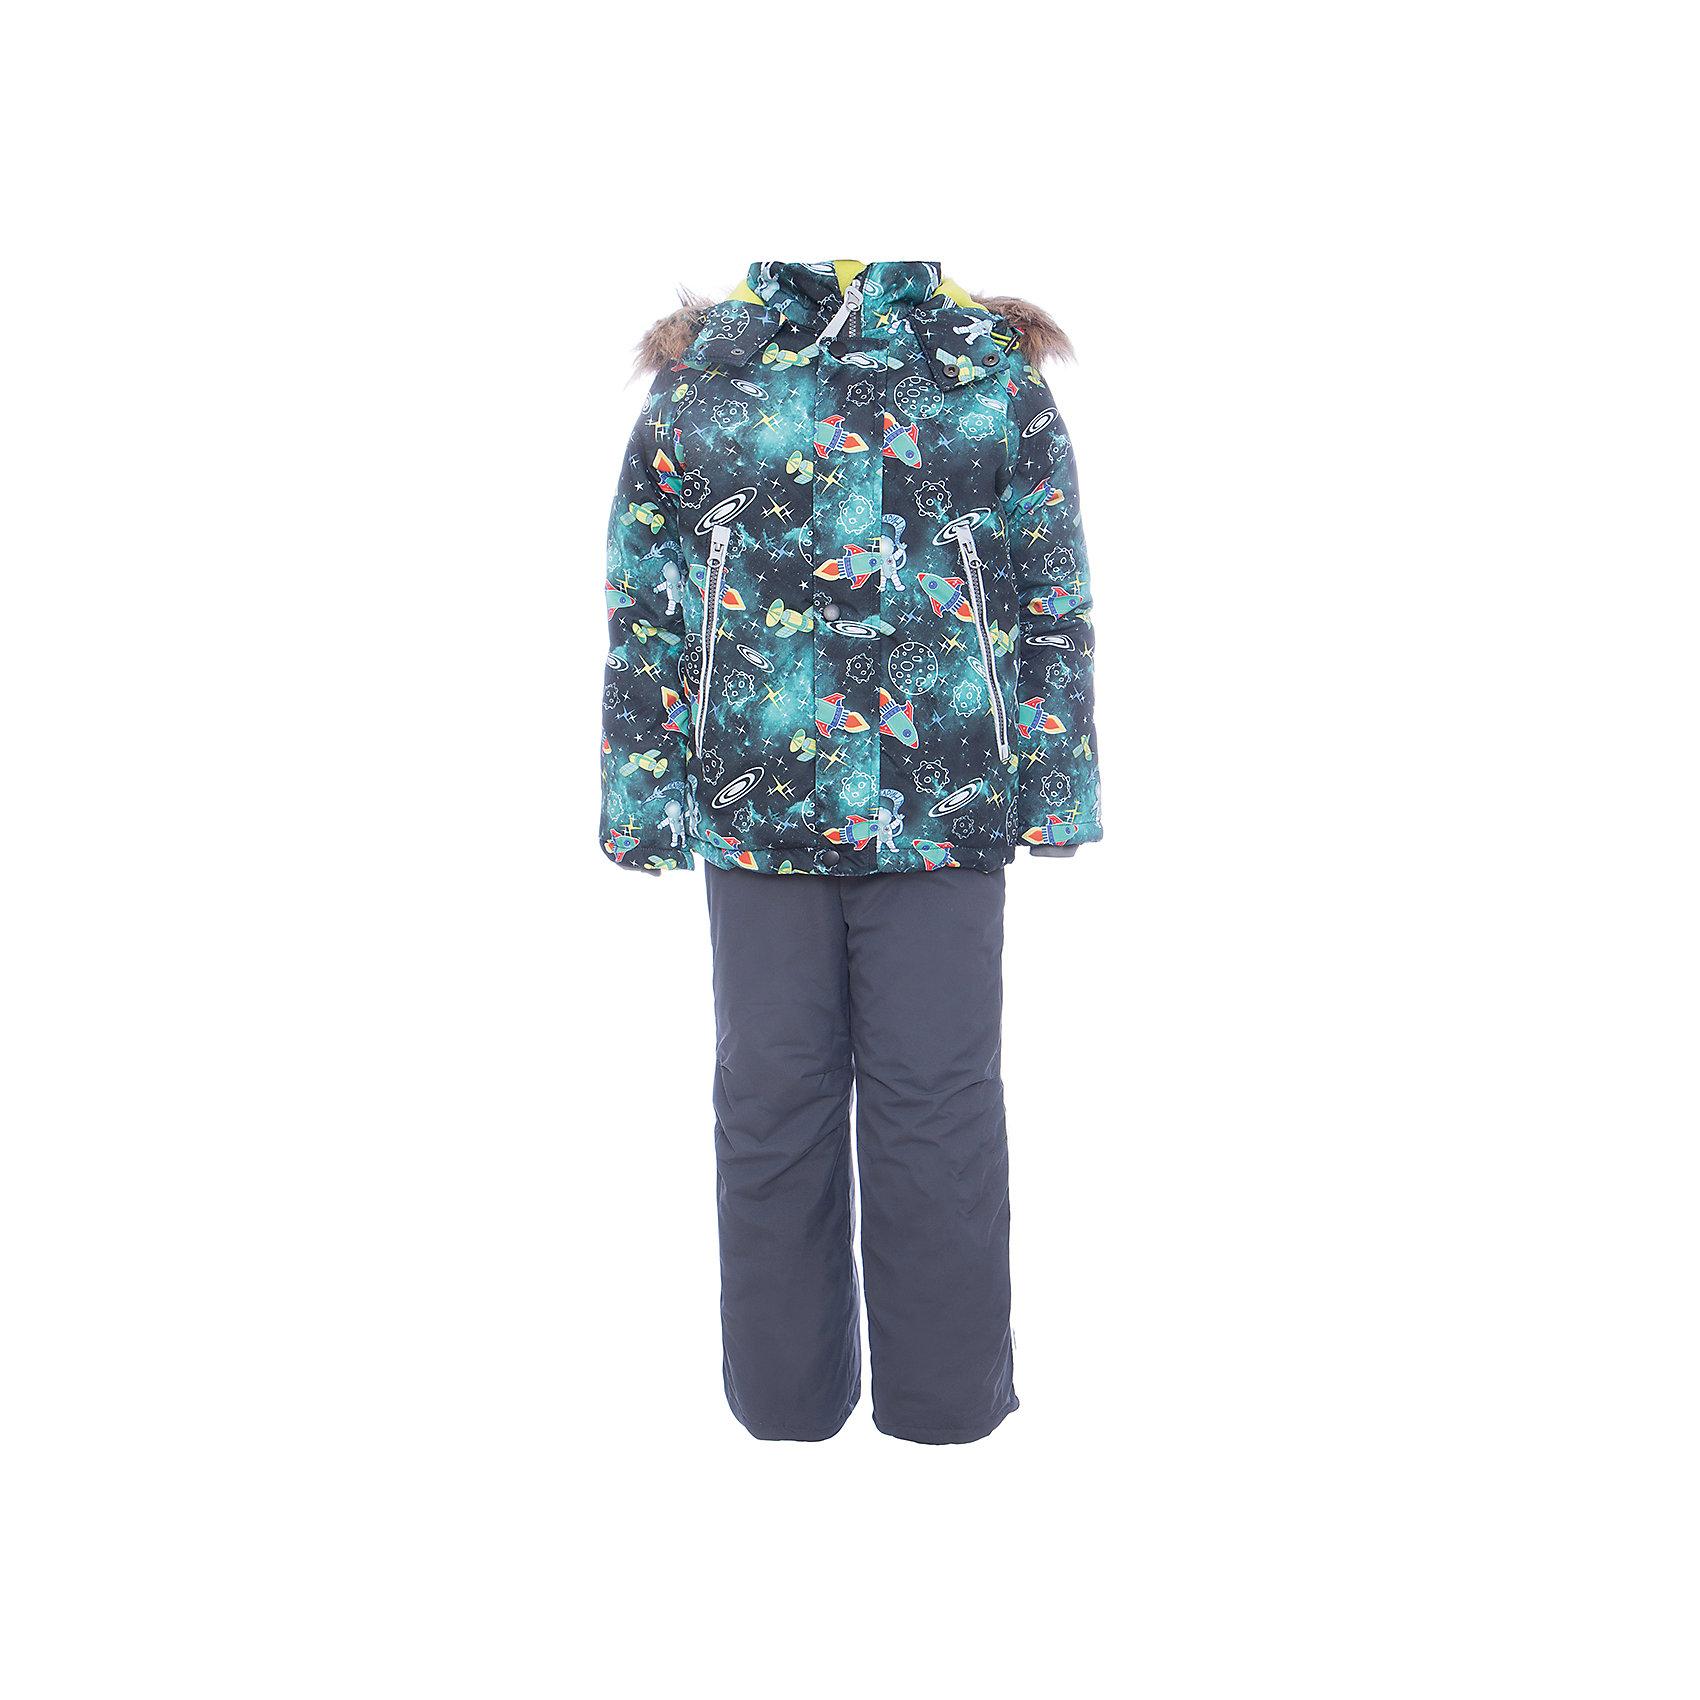 Комплект: куртка и полукомбенизон Космос Batik для мальчикаВерхняя одежда<br>Комплект: куртка и полукомбенизон Космос Batik для мальчика<br>Верхняя ткань обладает водоотталкивающими и ветрозащитными свойствами мембраны. Куртка на молнии с ветрозащитной планкой, светоотражающими элементами и съемным капюшоном. Полукомбинезон с отстегивающимися лямками.<br>Состав:<br>Ткань верха - TASLON OXFORD;  Утеплитель - Слайтекс 350;  Подкладка - Полар флис;<br><br>Ширина мм: 356<br>Глубина мм: 10<br>Высота мм: 245<br>Вес г: 519<br>Цвет: темно-серый<br>Возраст от месяцев: 60<br>Возраст до месяцев: 72<br>Пол: Мужской<br>Возраст: Детский<br>Размер: 116,104,110<br>SKU: 7028285